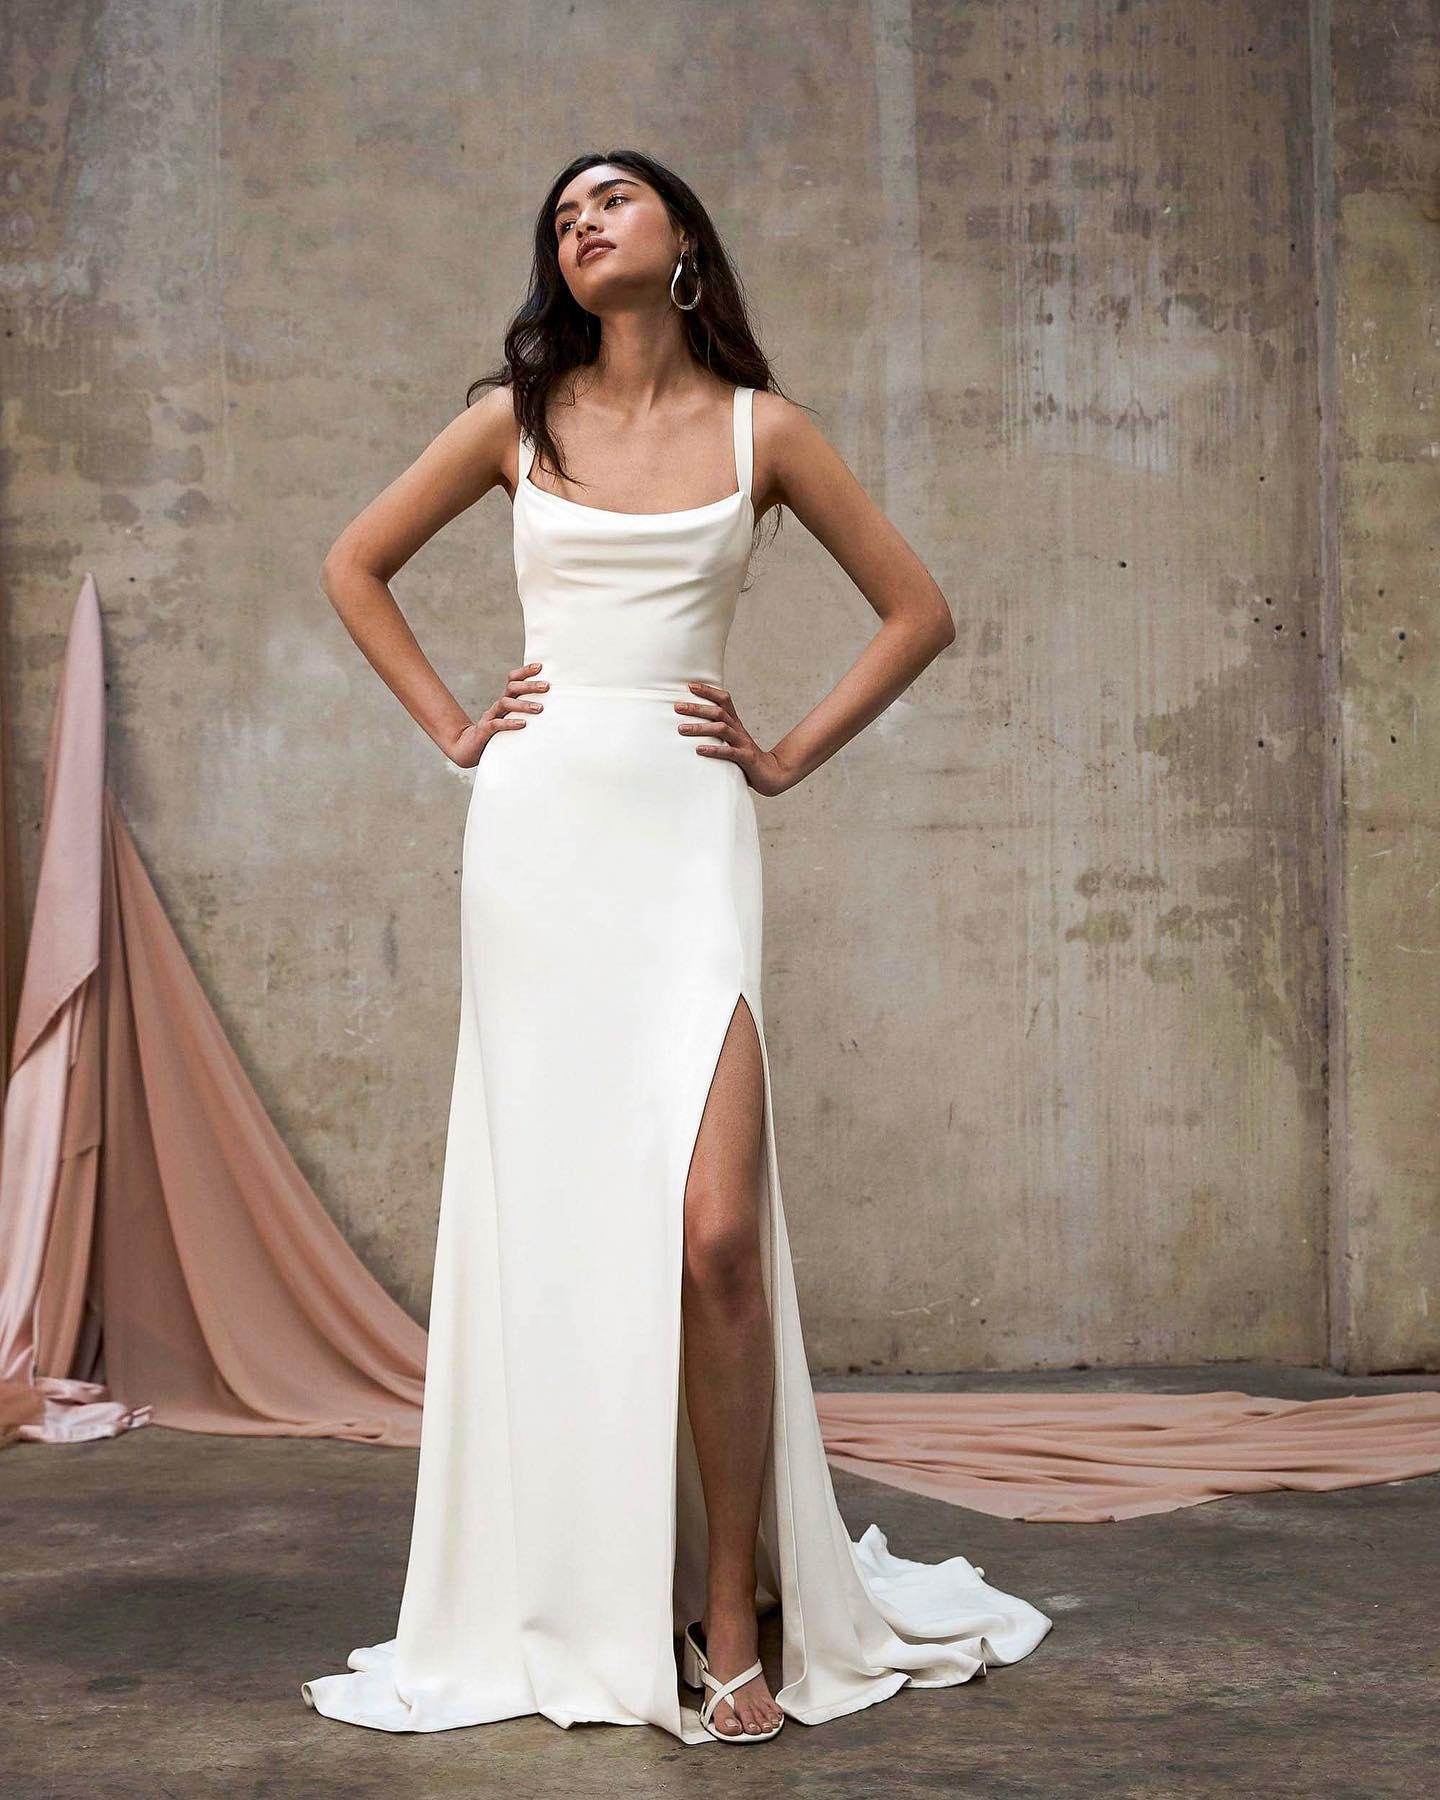 Prea James Bridal, vestidos de novia Prea James, vestidos de novia minimalistas, tendencias en vestidos de novia 2022 - Wedding Hub - 05